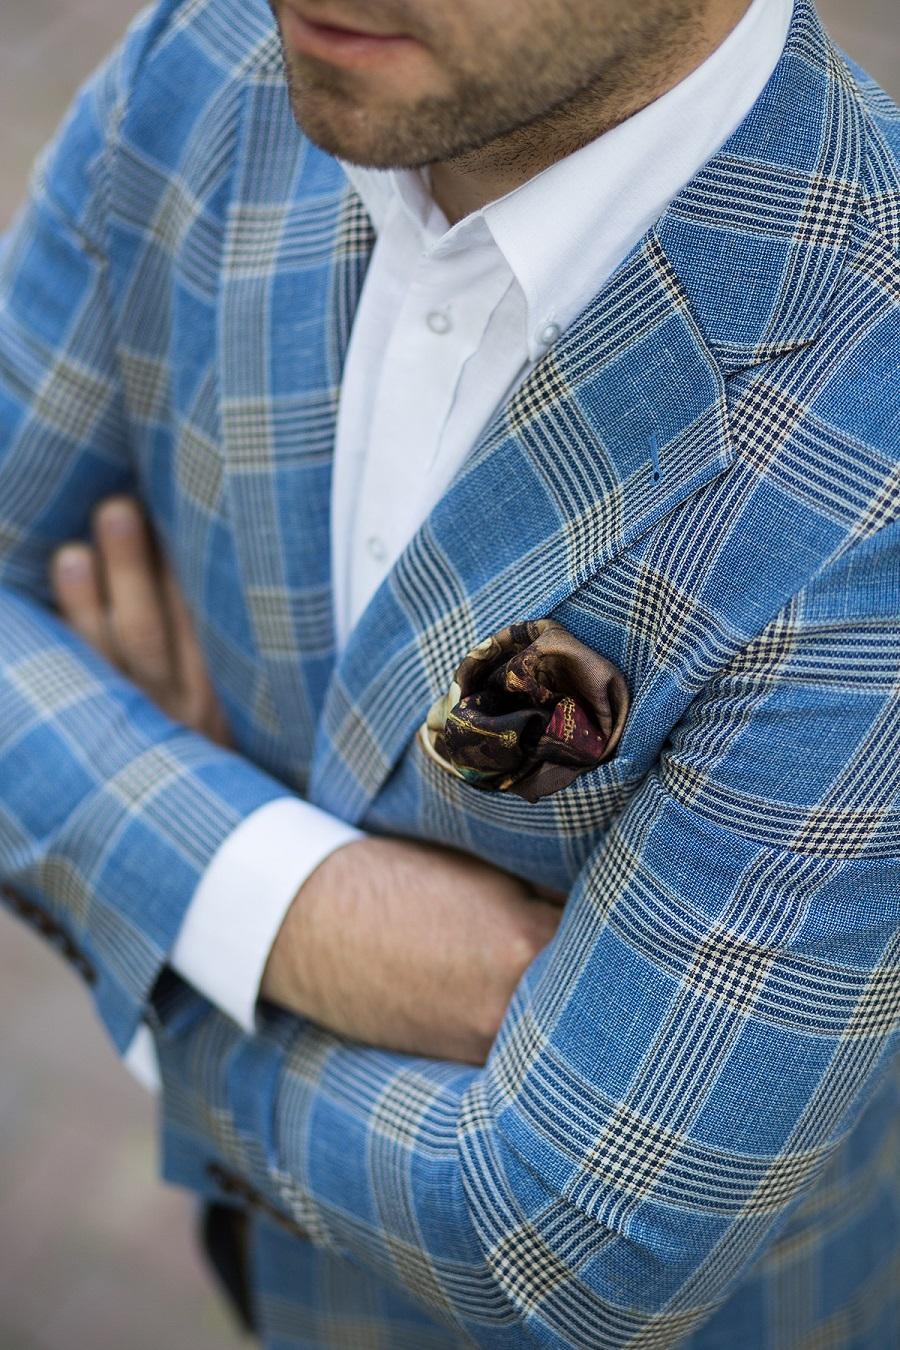 81c077552115 Absolutną klasyką mody męskiej jest biała poszetka z lnu lub bawełny. To  właśnie ją można zobaczyć najczęściej na historycznych zdjęciach z początku  ...